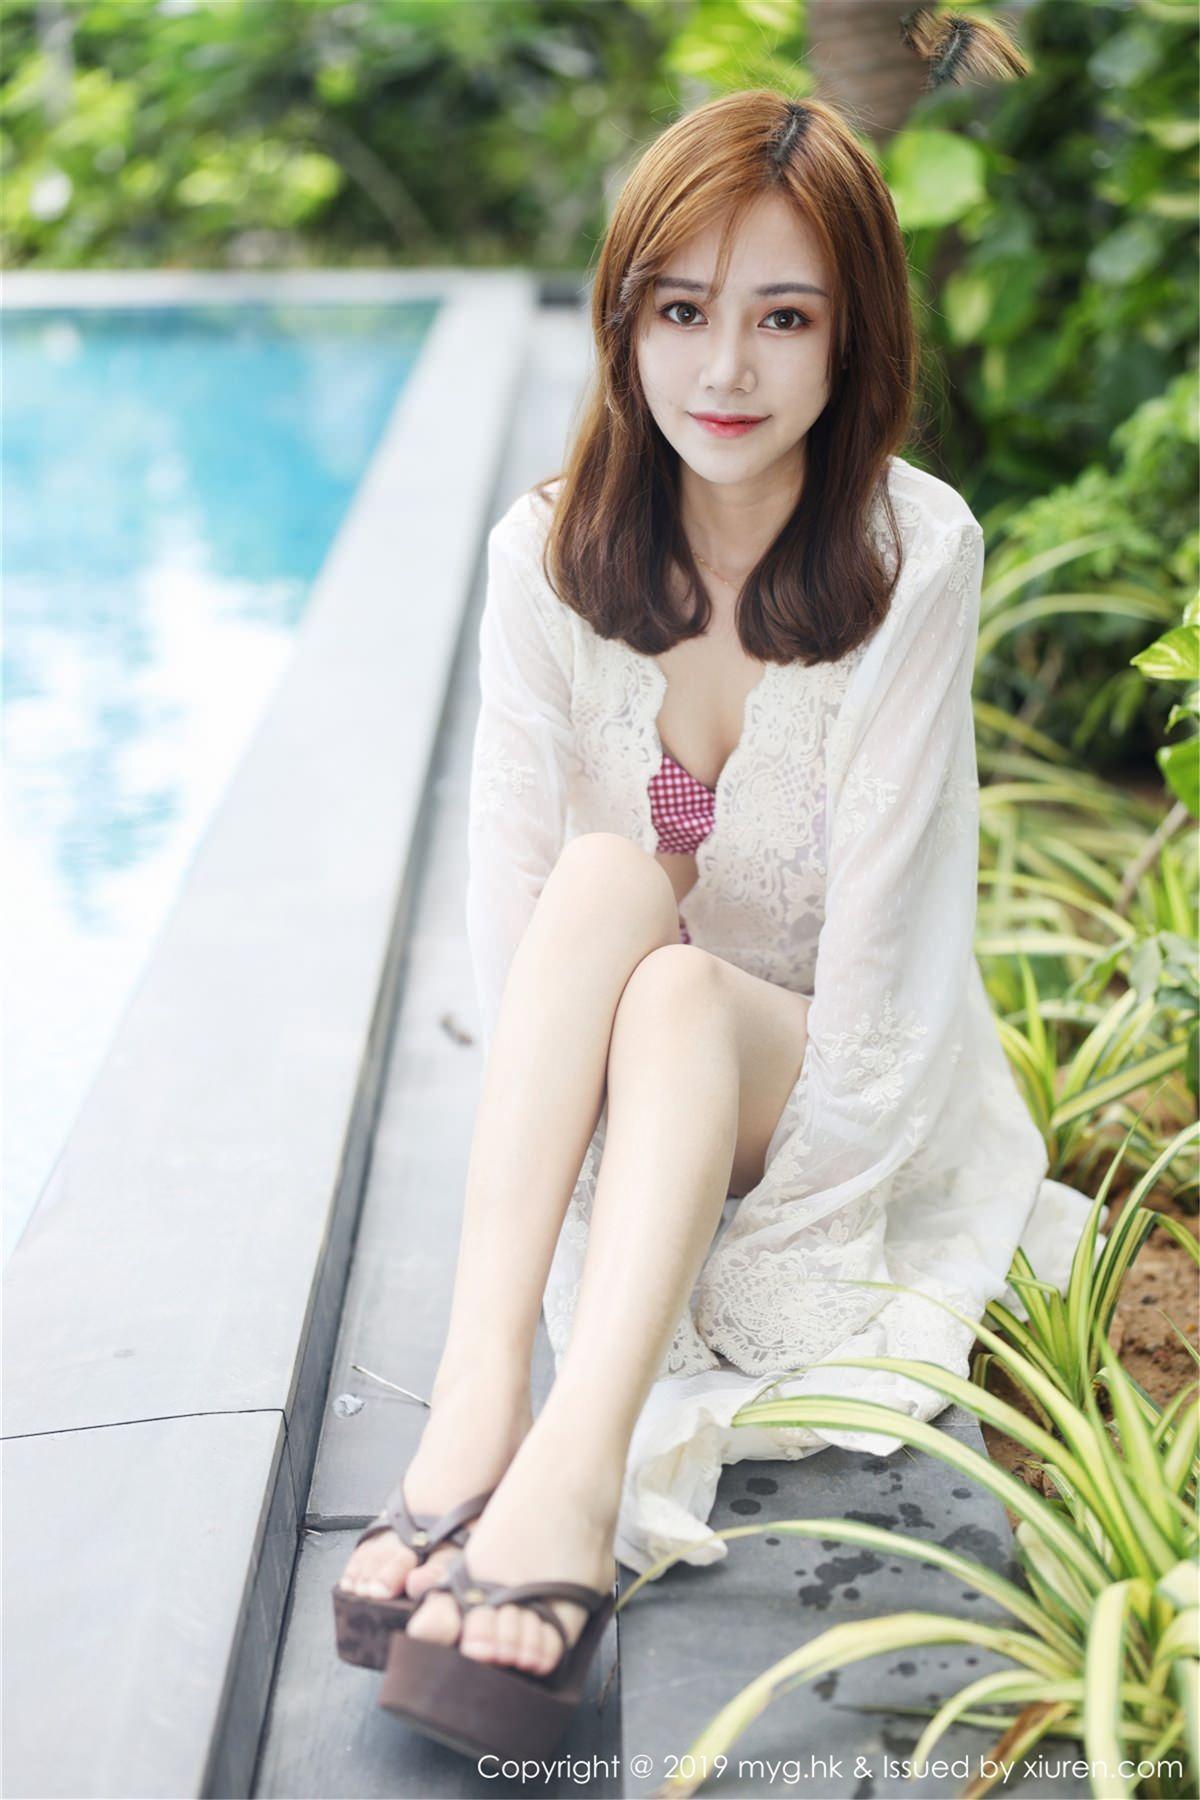 MyGirl Vol.356 6P, mygirl, Yu Zhu